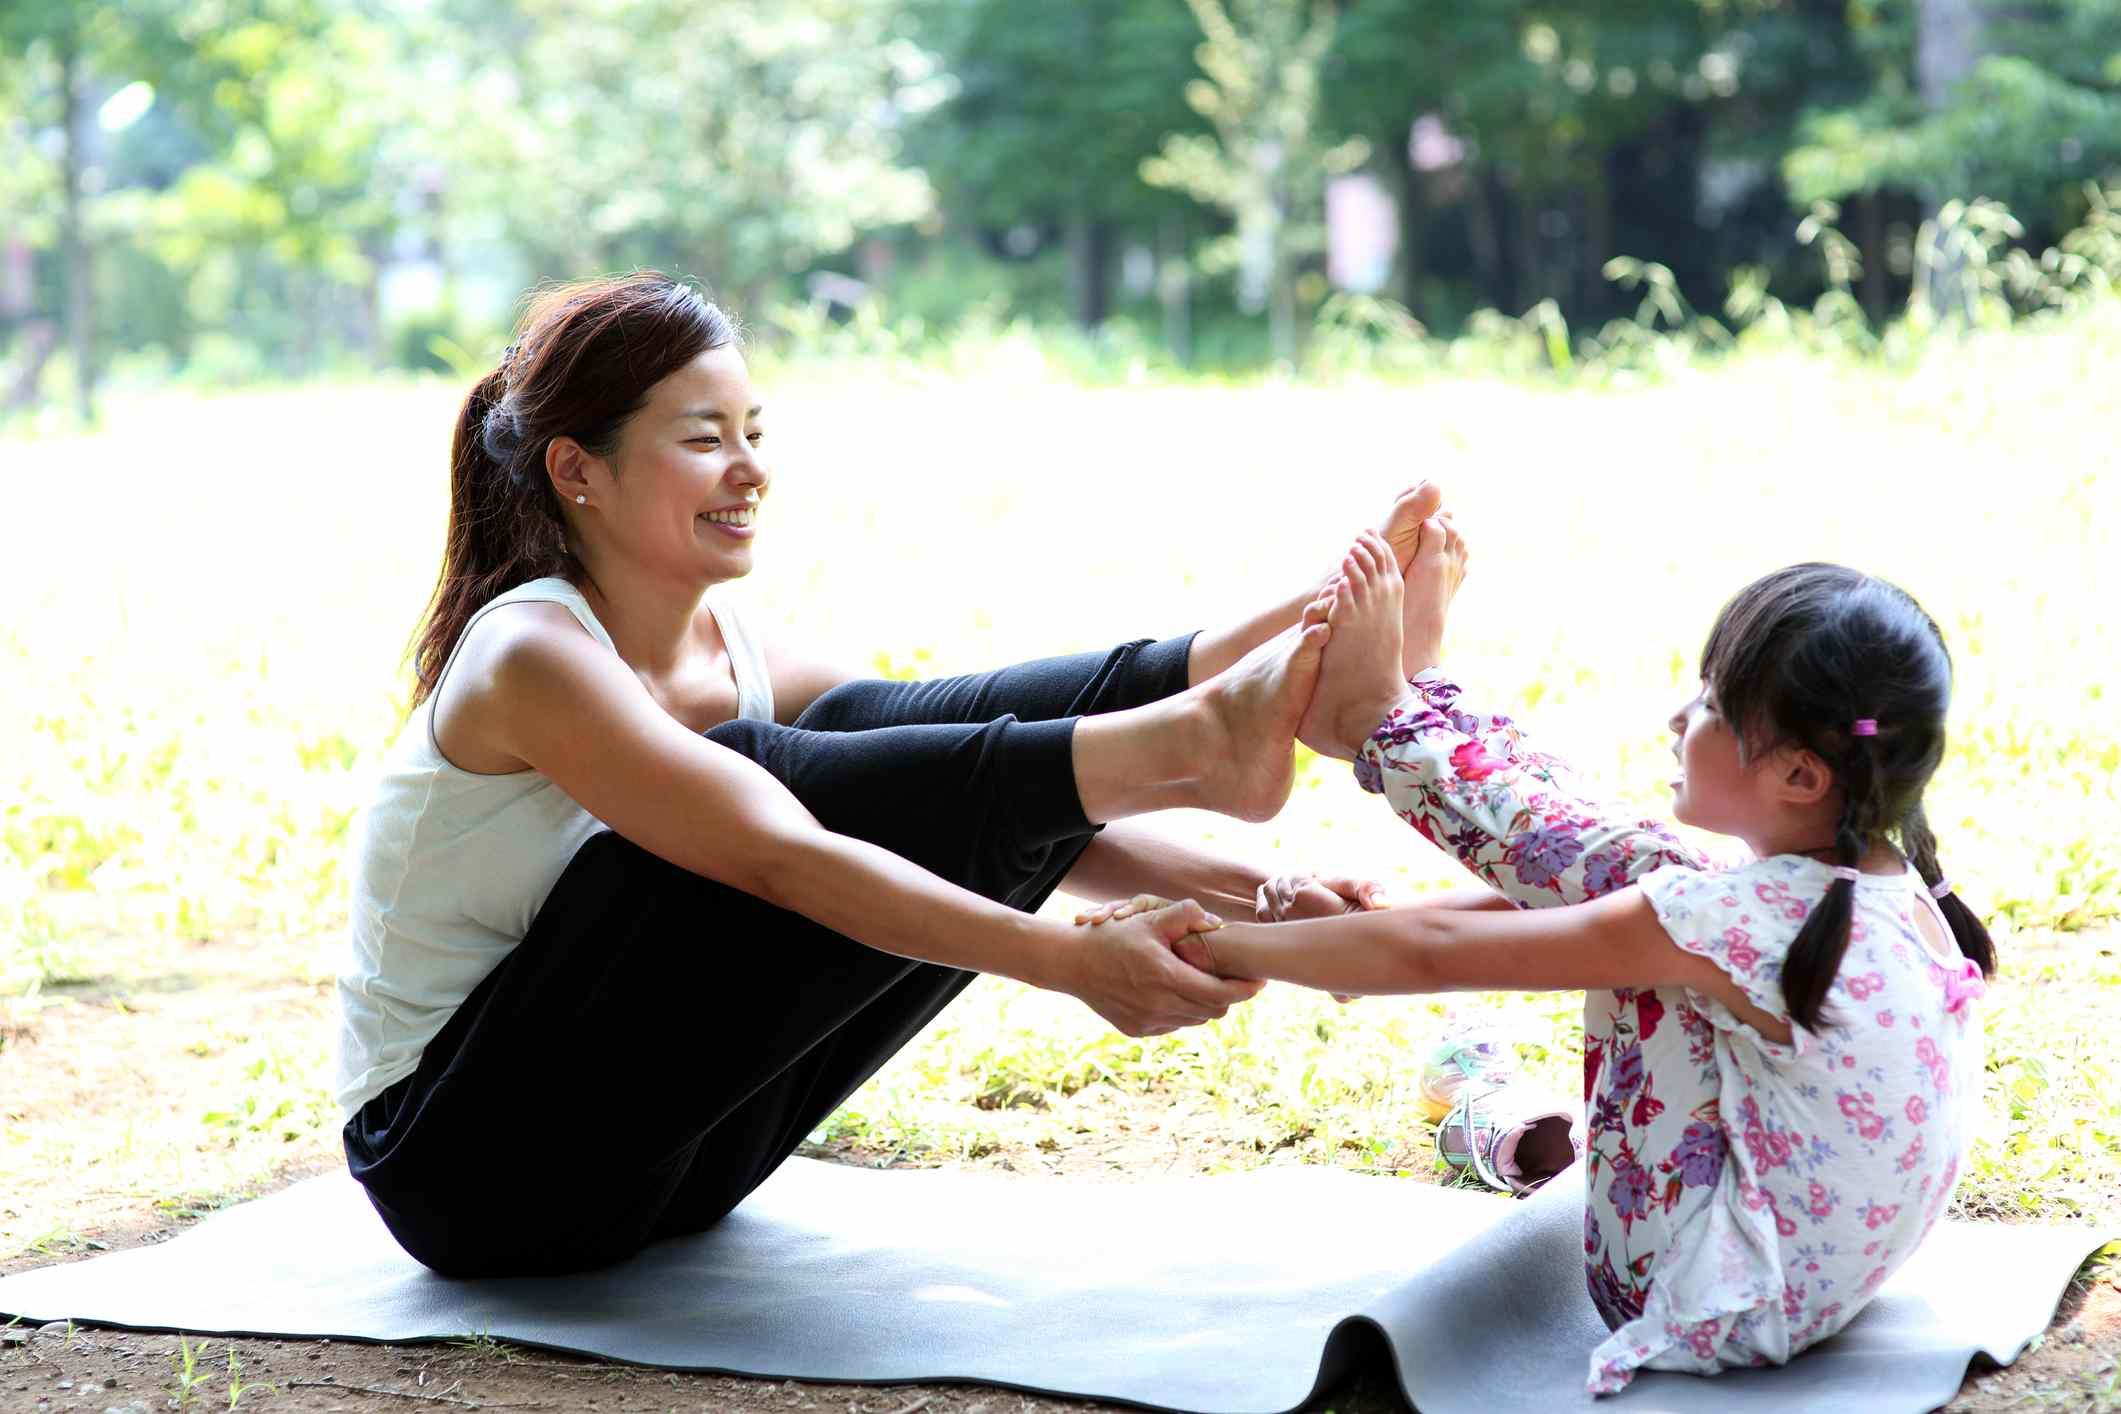 madre e hija haciendo yoga en el parque